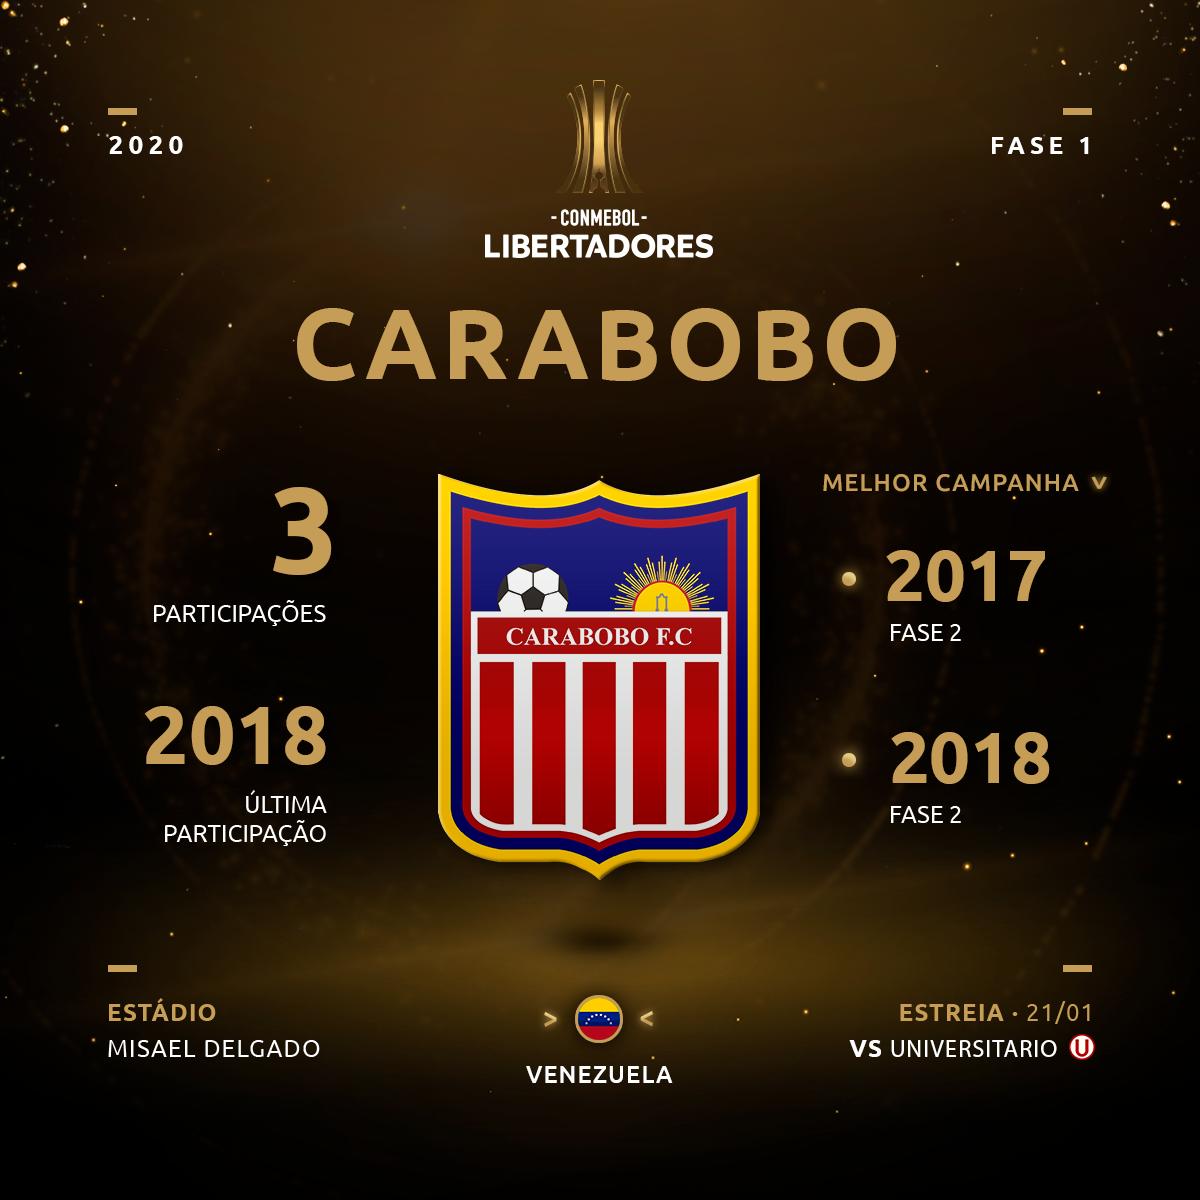 Carabobo - Libertadores 2020